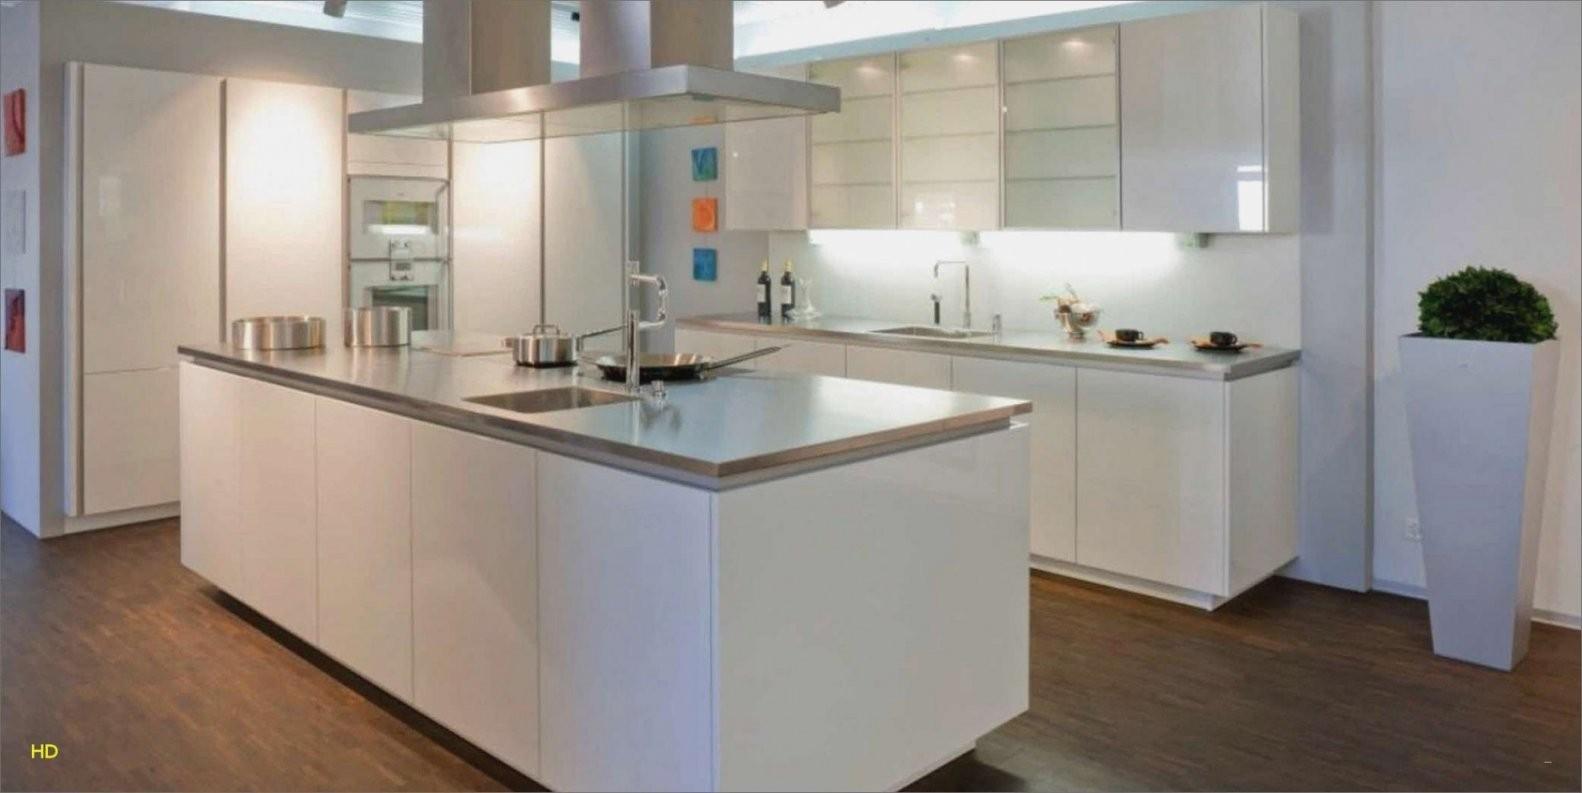 Kleine Schmale Küche — Temobardz Home Blog von Kleine Schmale Küche Einrichten Photo